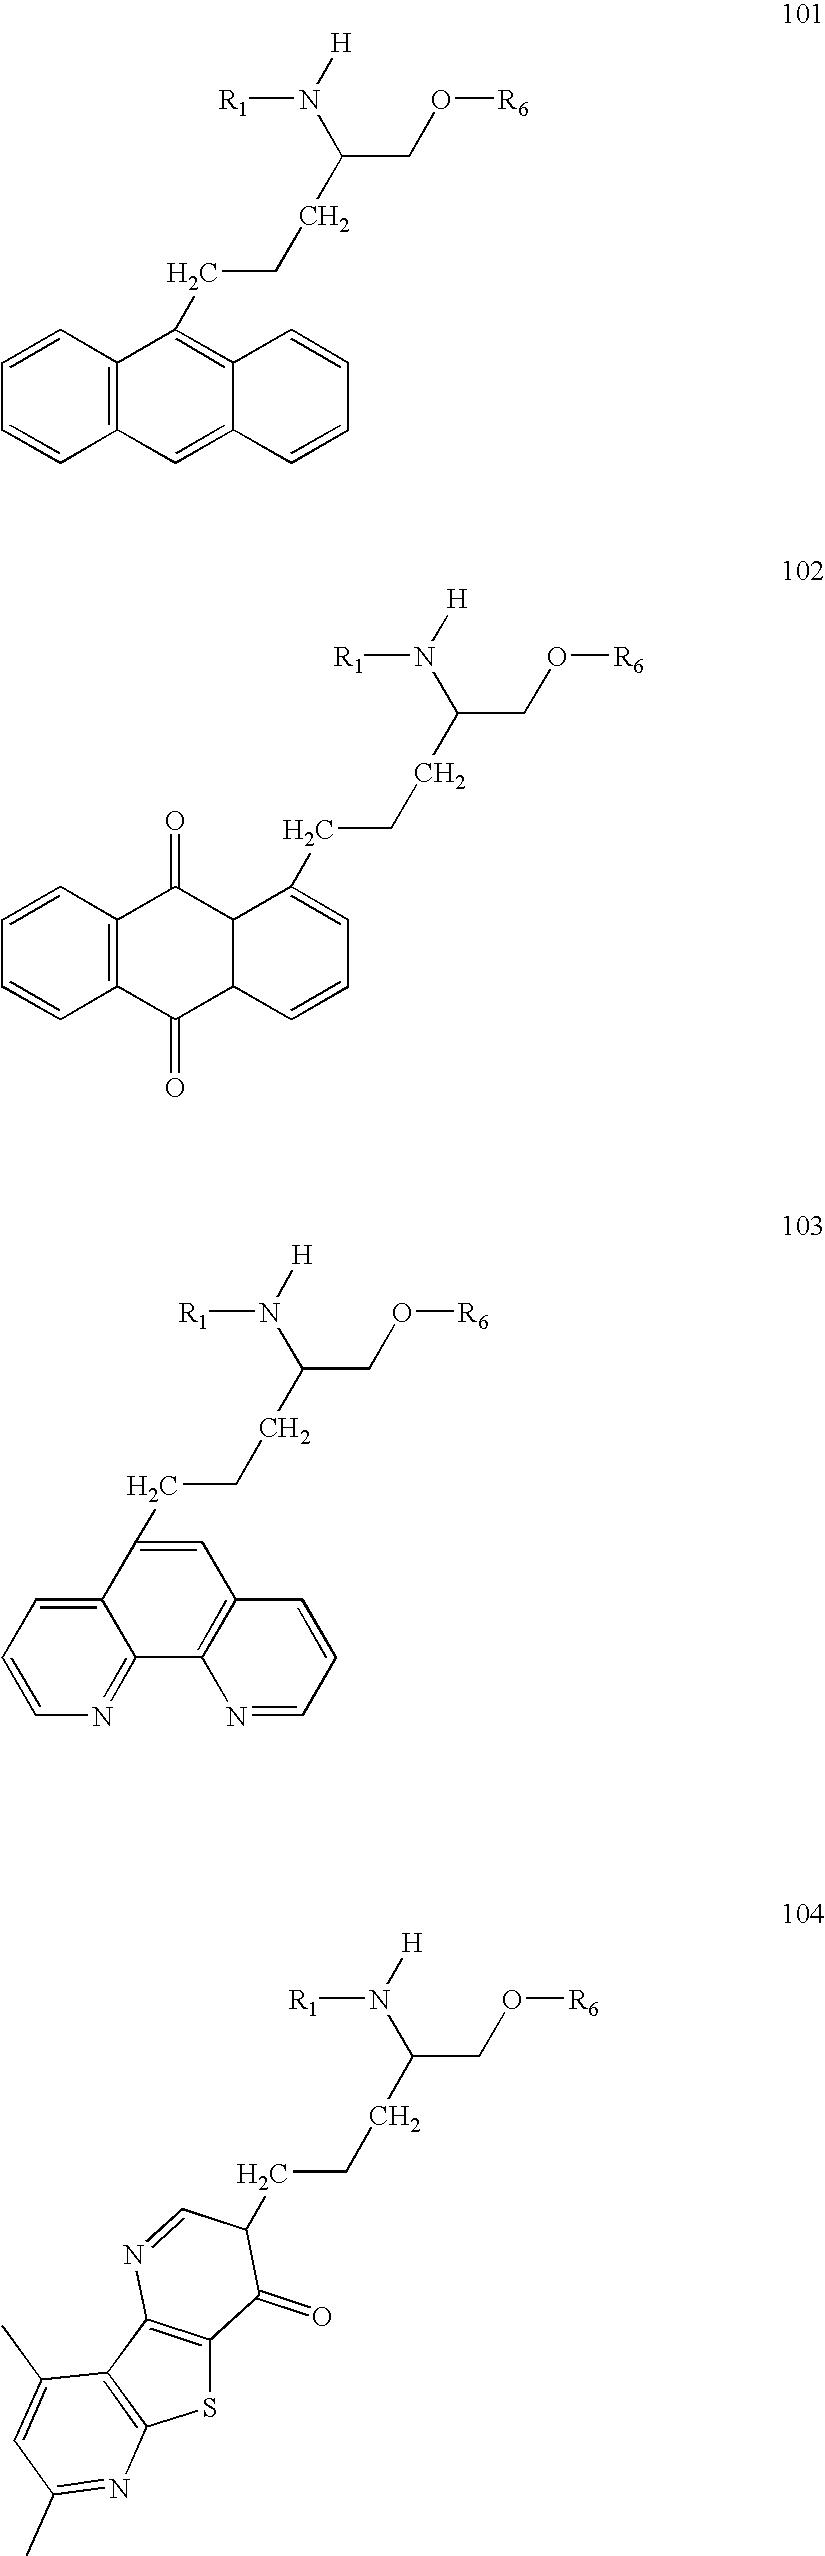 Figure US20060014144A1-20060119-C00109